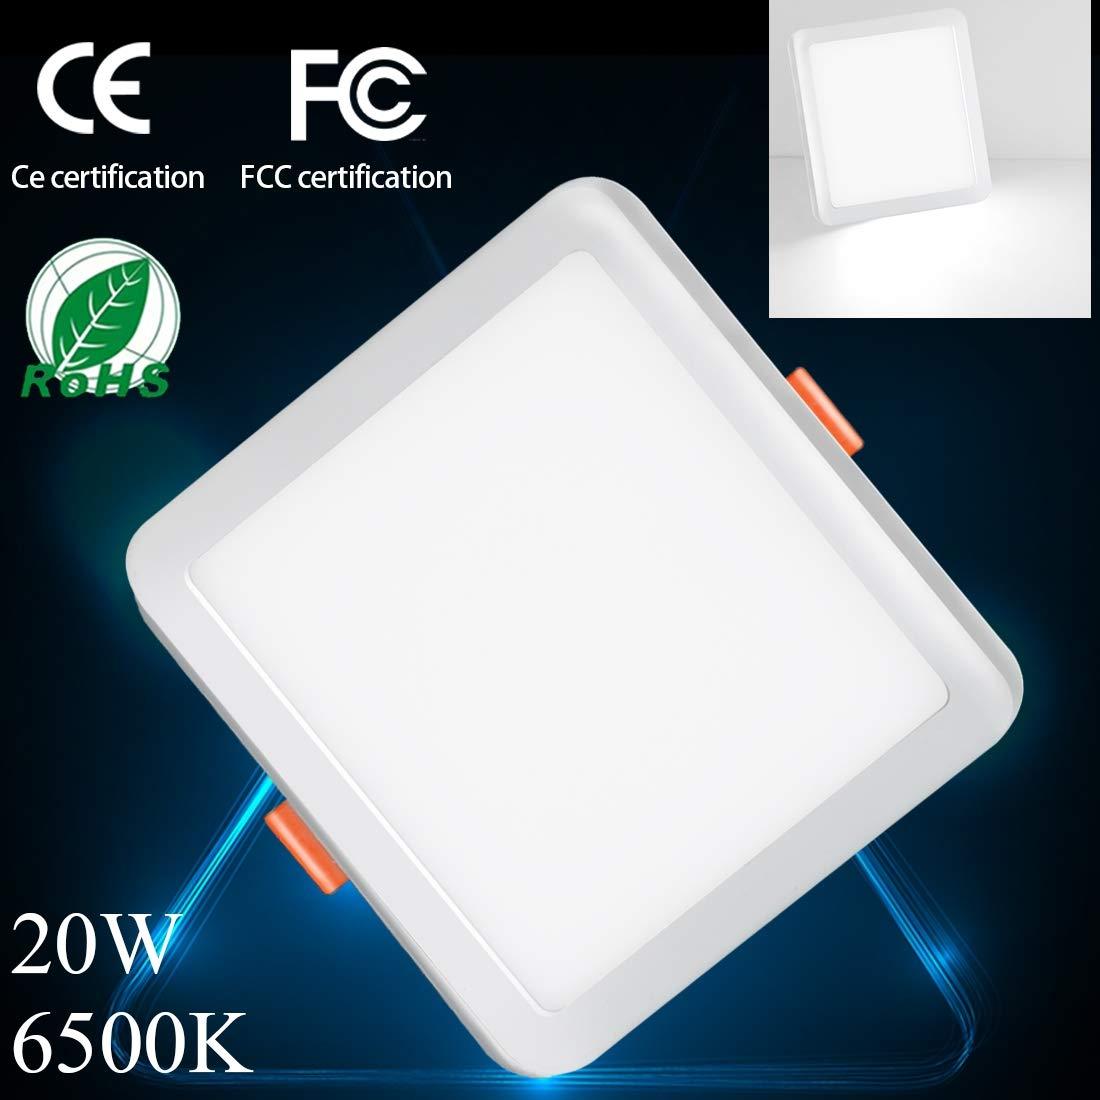 LEDフラッシュマウントパネルライト 円形 ニュートラルホワイト LEDドライバー付きダウンライト B07H2CQKMC